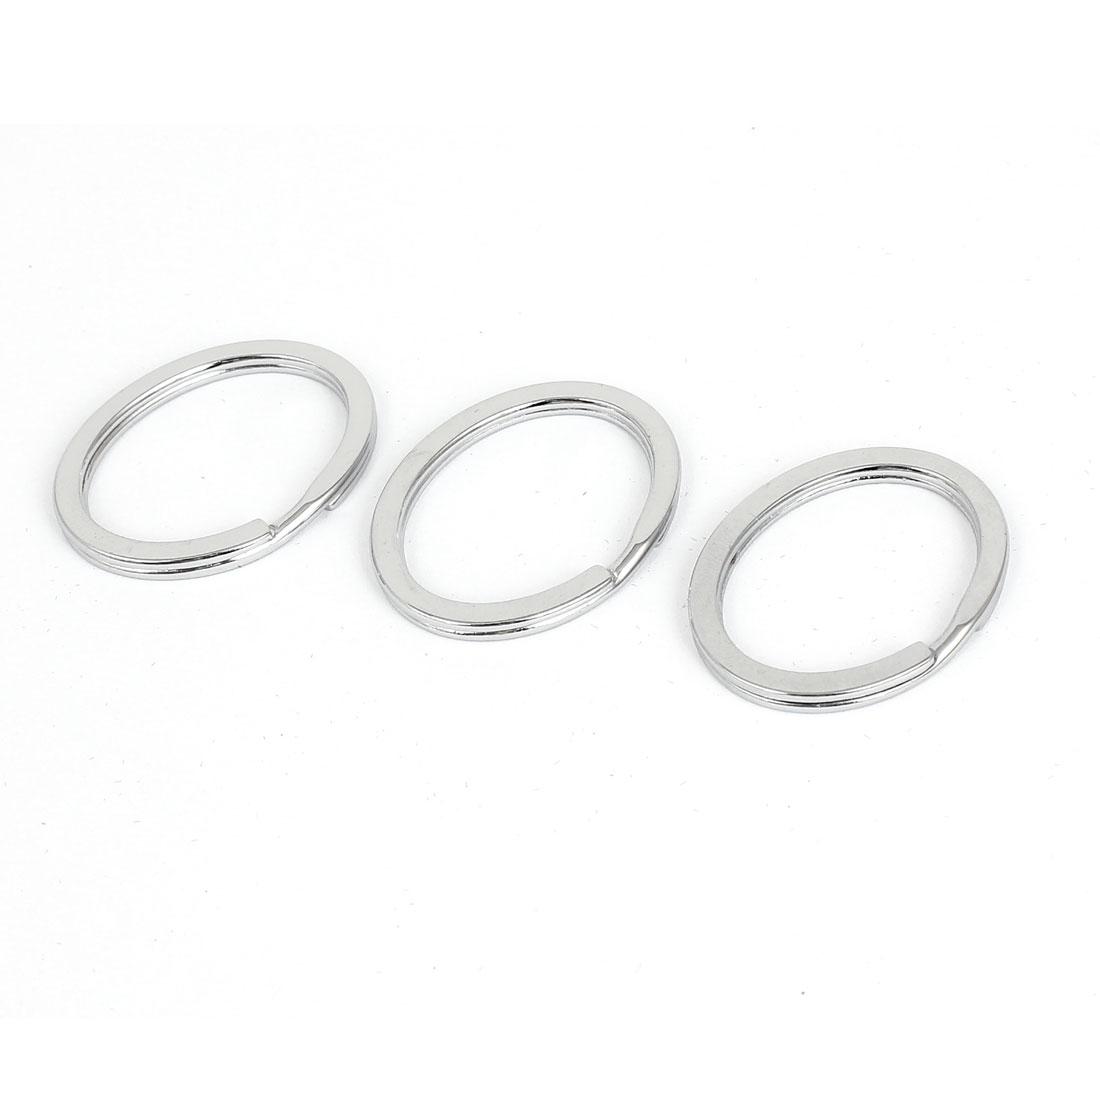 3 Pcs Metal Double Loops Split Jump Rings Gift Craft Keyrings Findings